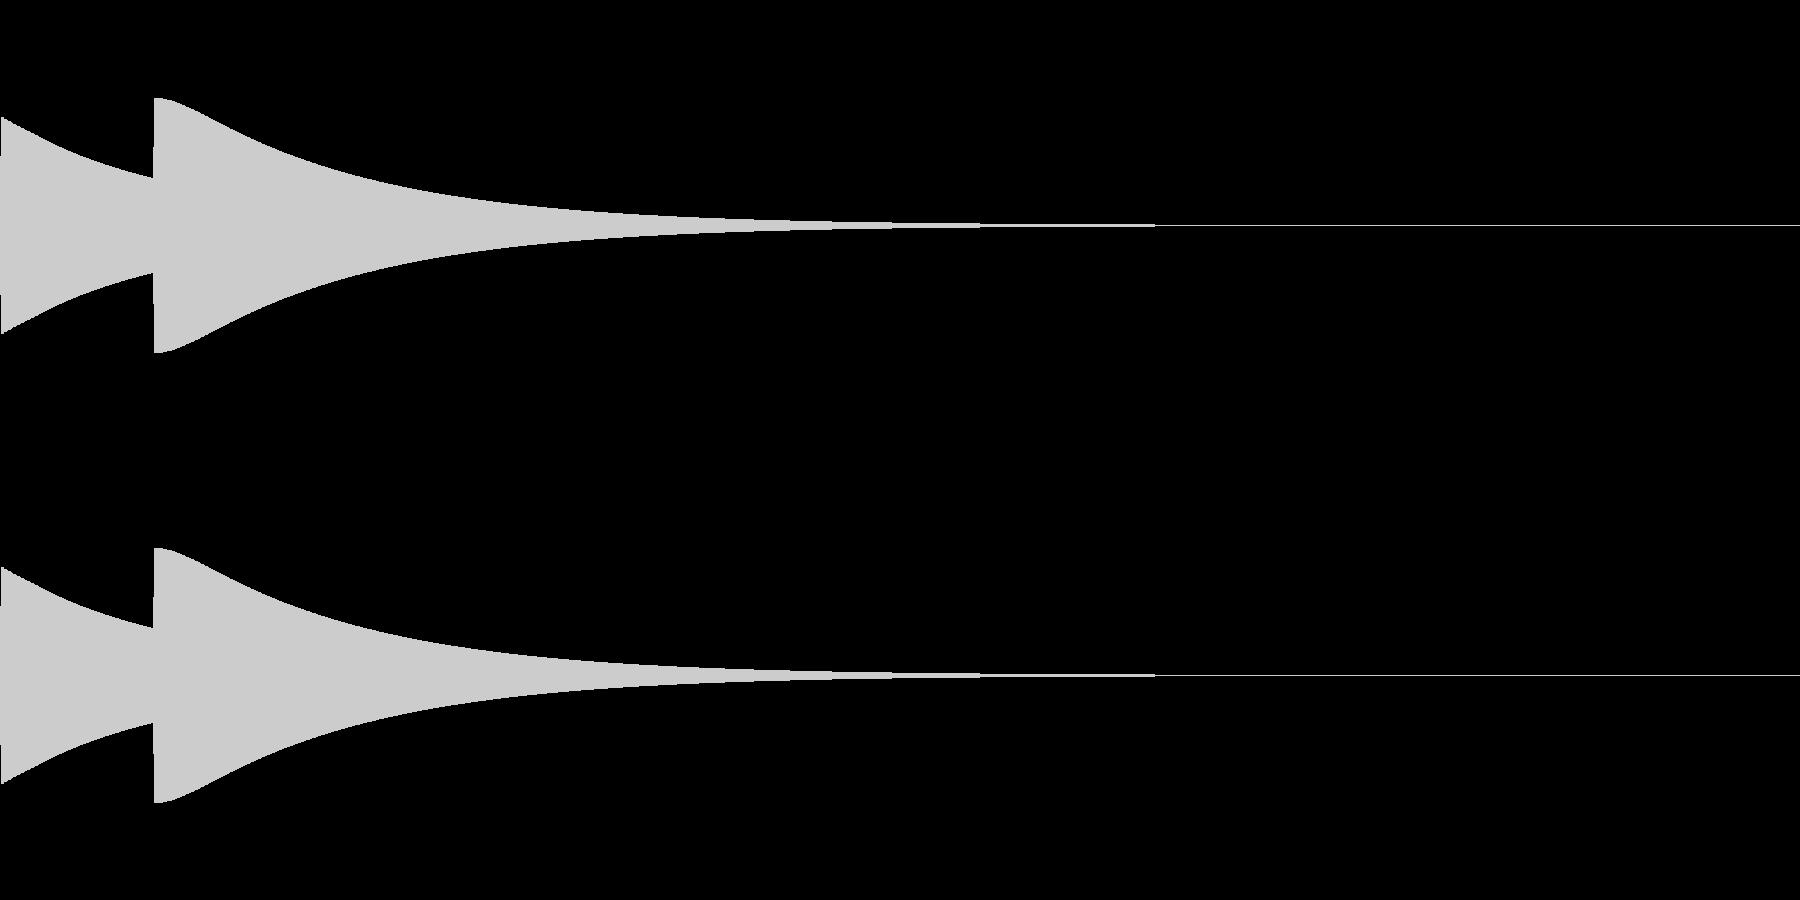 ベル/ポポン/システム/金属/2の未再生の波形